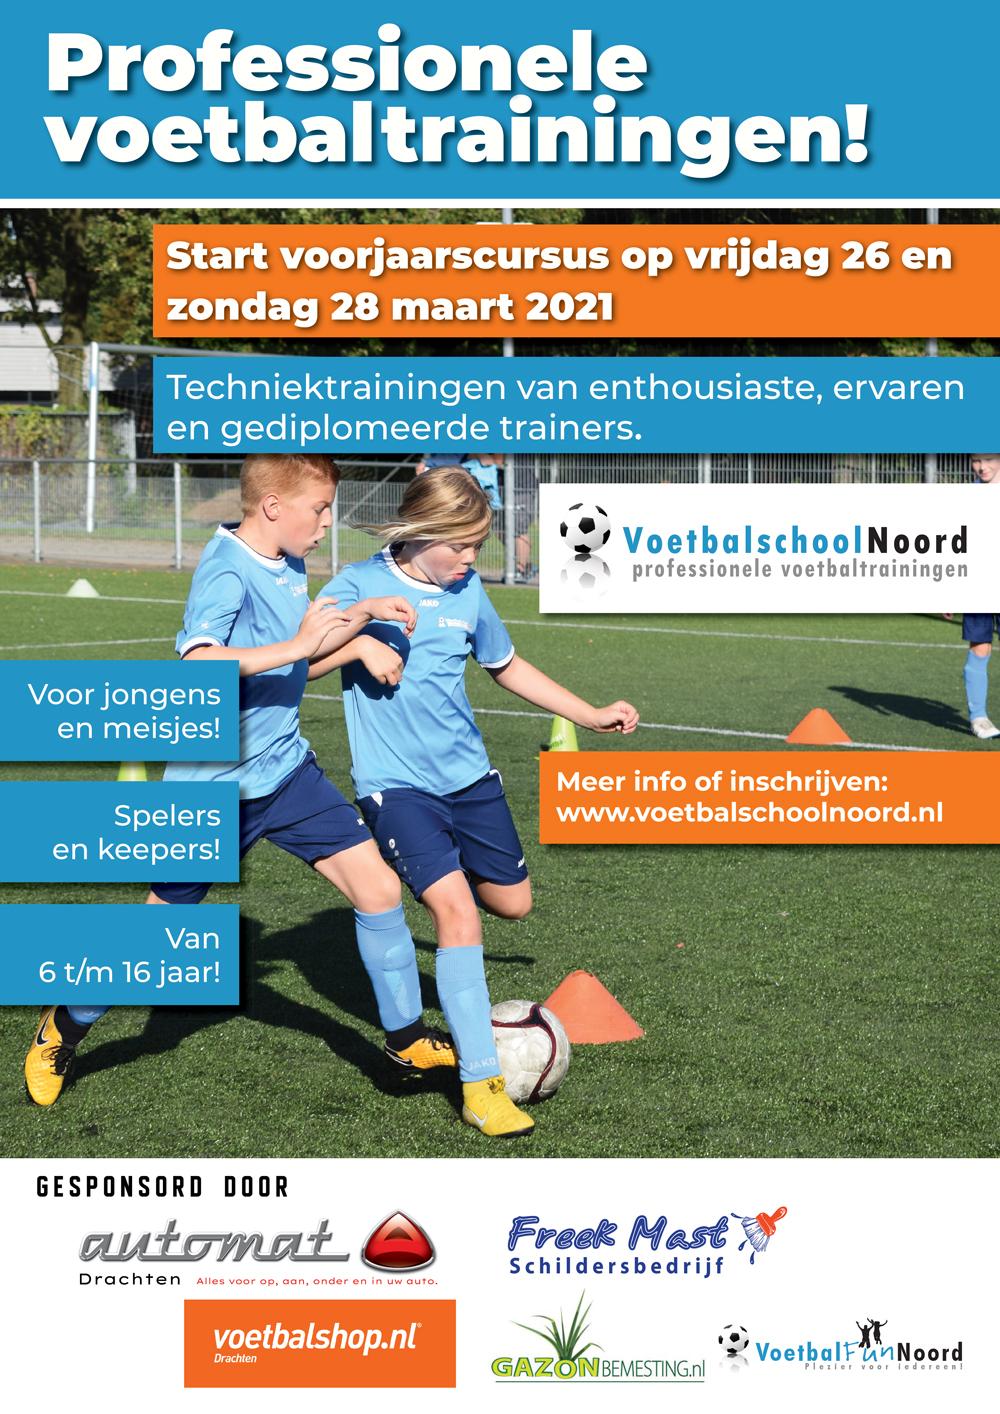 Start Voorjaarscursus 2021 Voetbalschool Noord en Etienne Stomp Academy